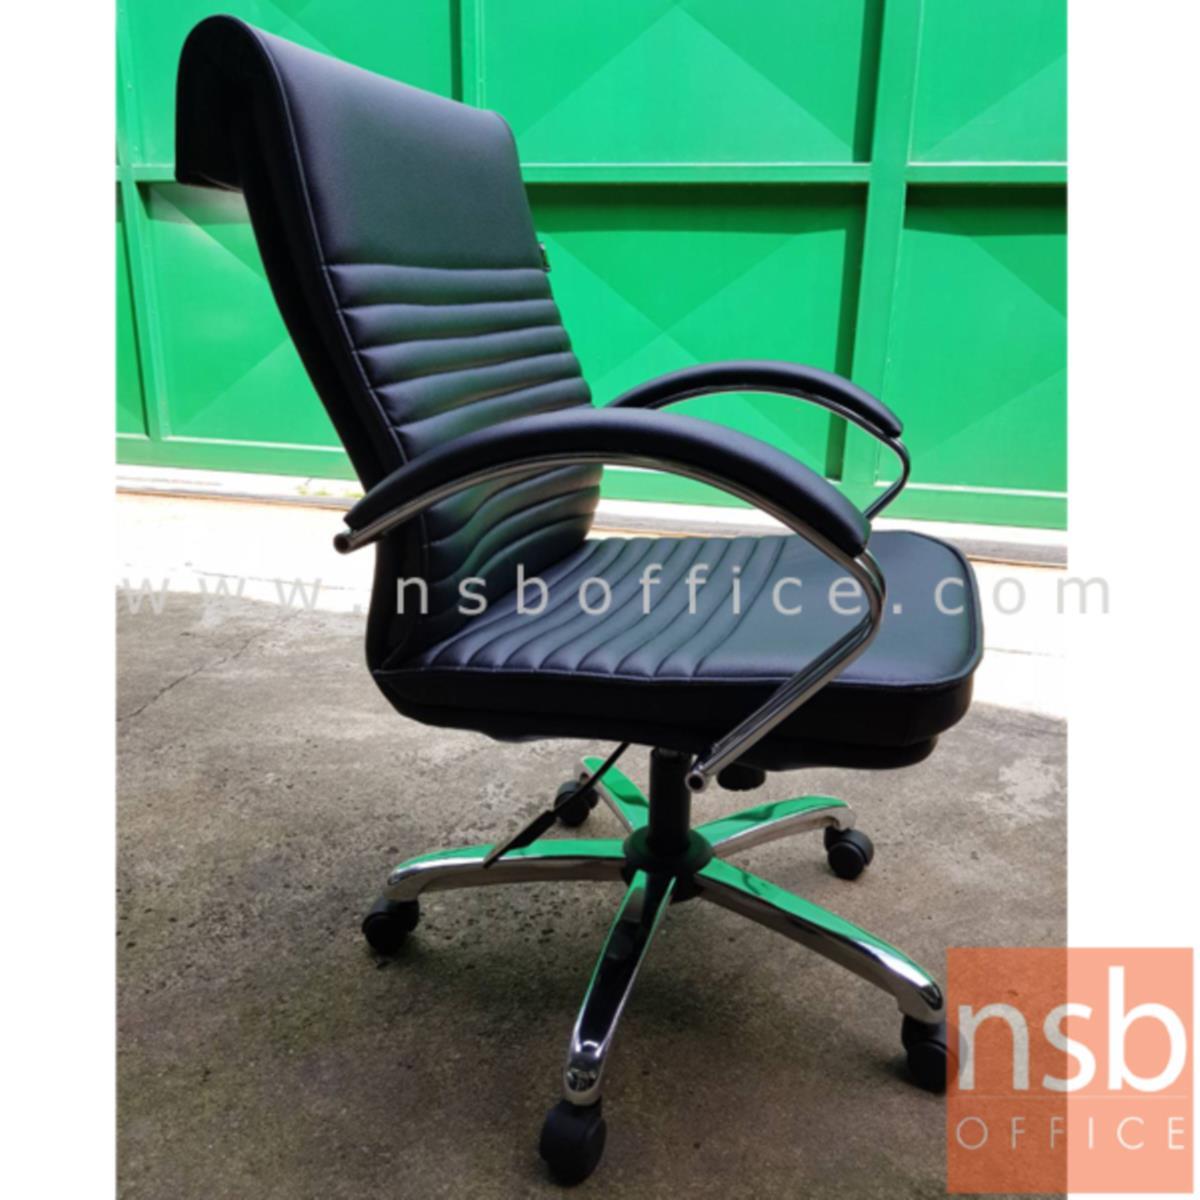 เก้าอี้สำนักงาน รุ่น  KS-110M  โช๊คแก๊ส มีก้อนโยก ขาเหล็กชุบโครเมี่ยม